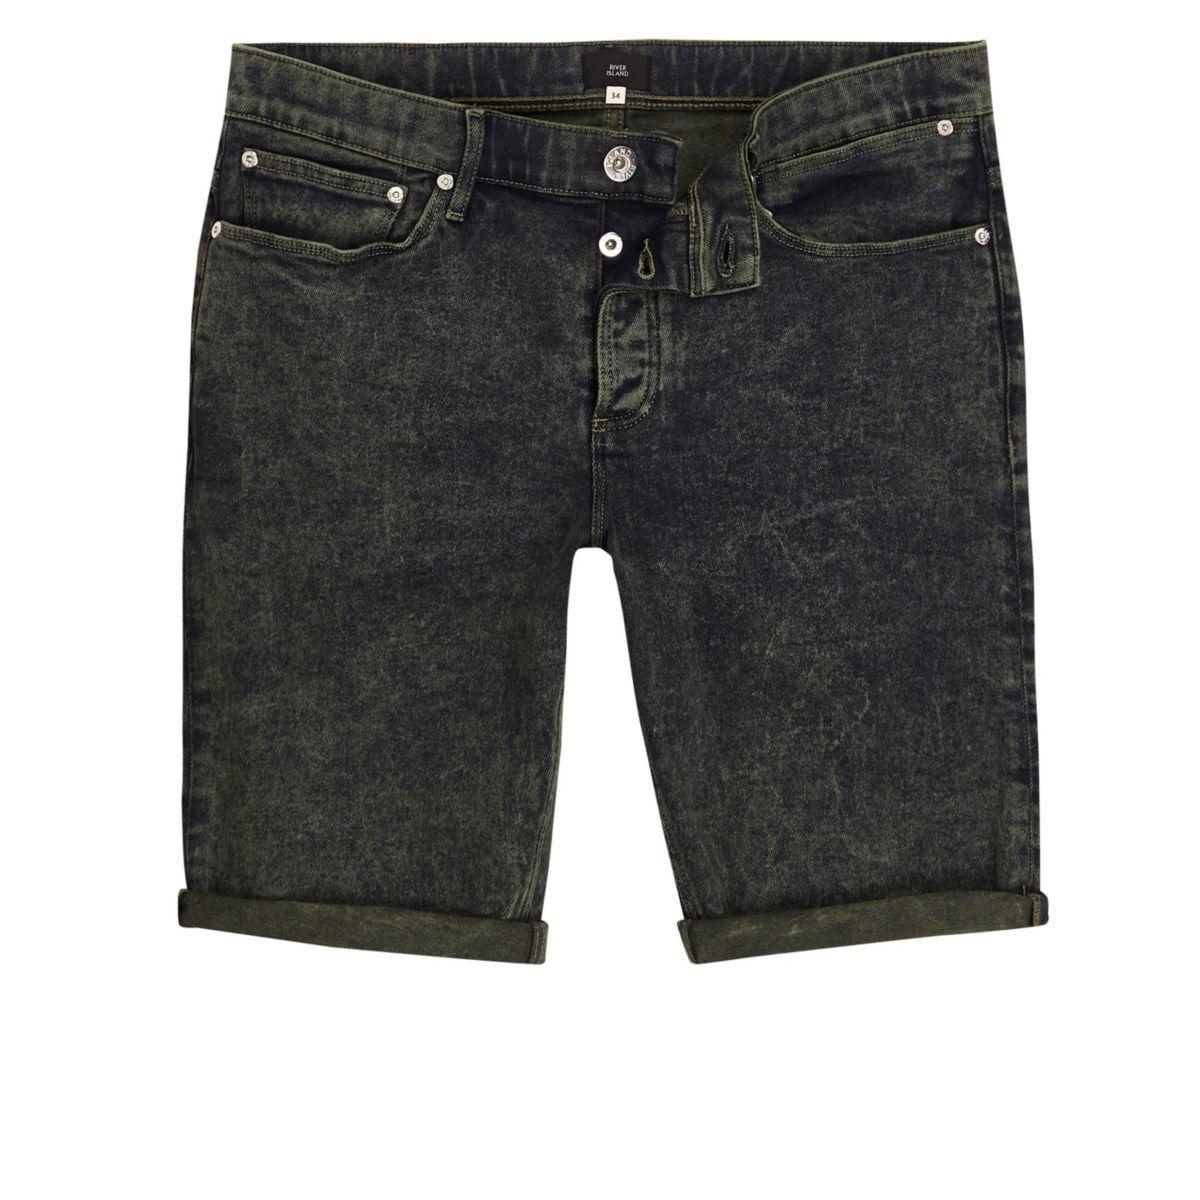 Dark green acid wash skinny denim shorts